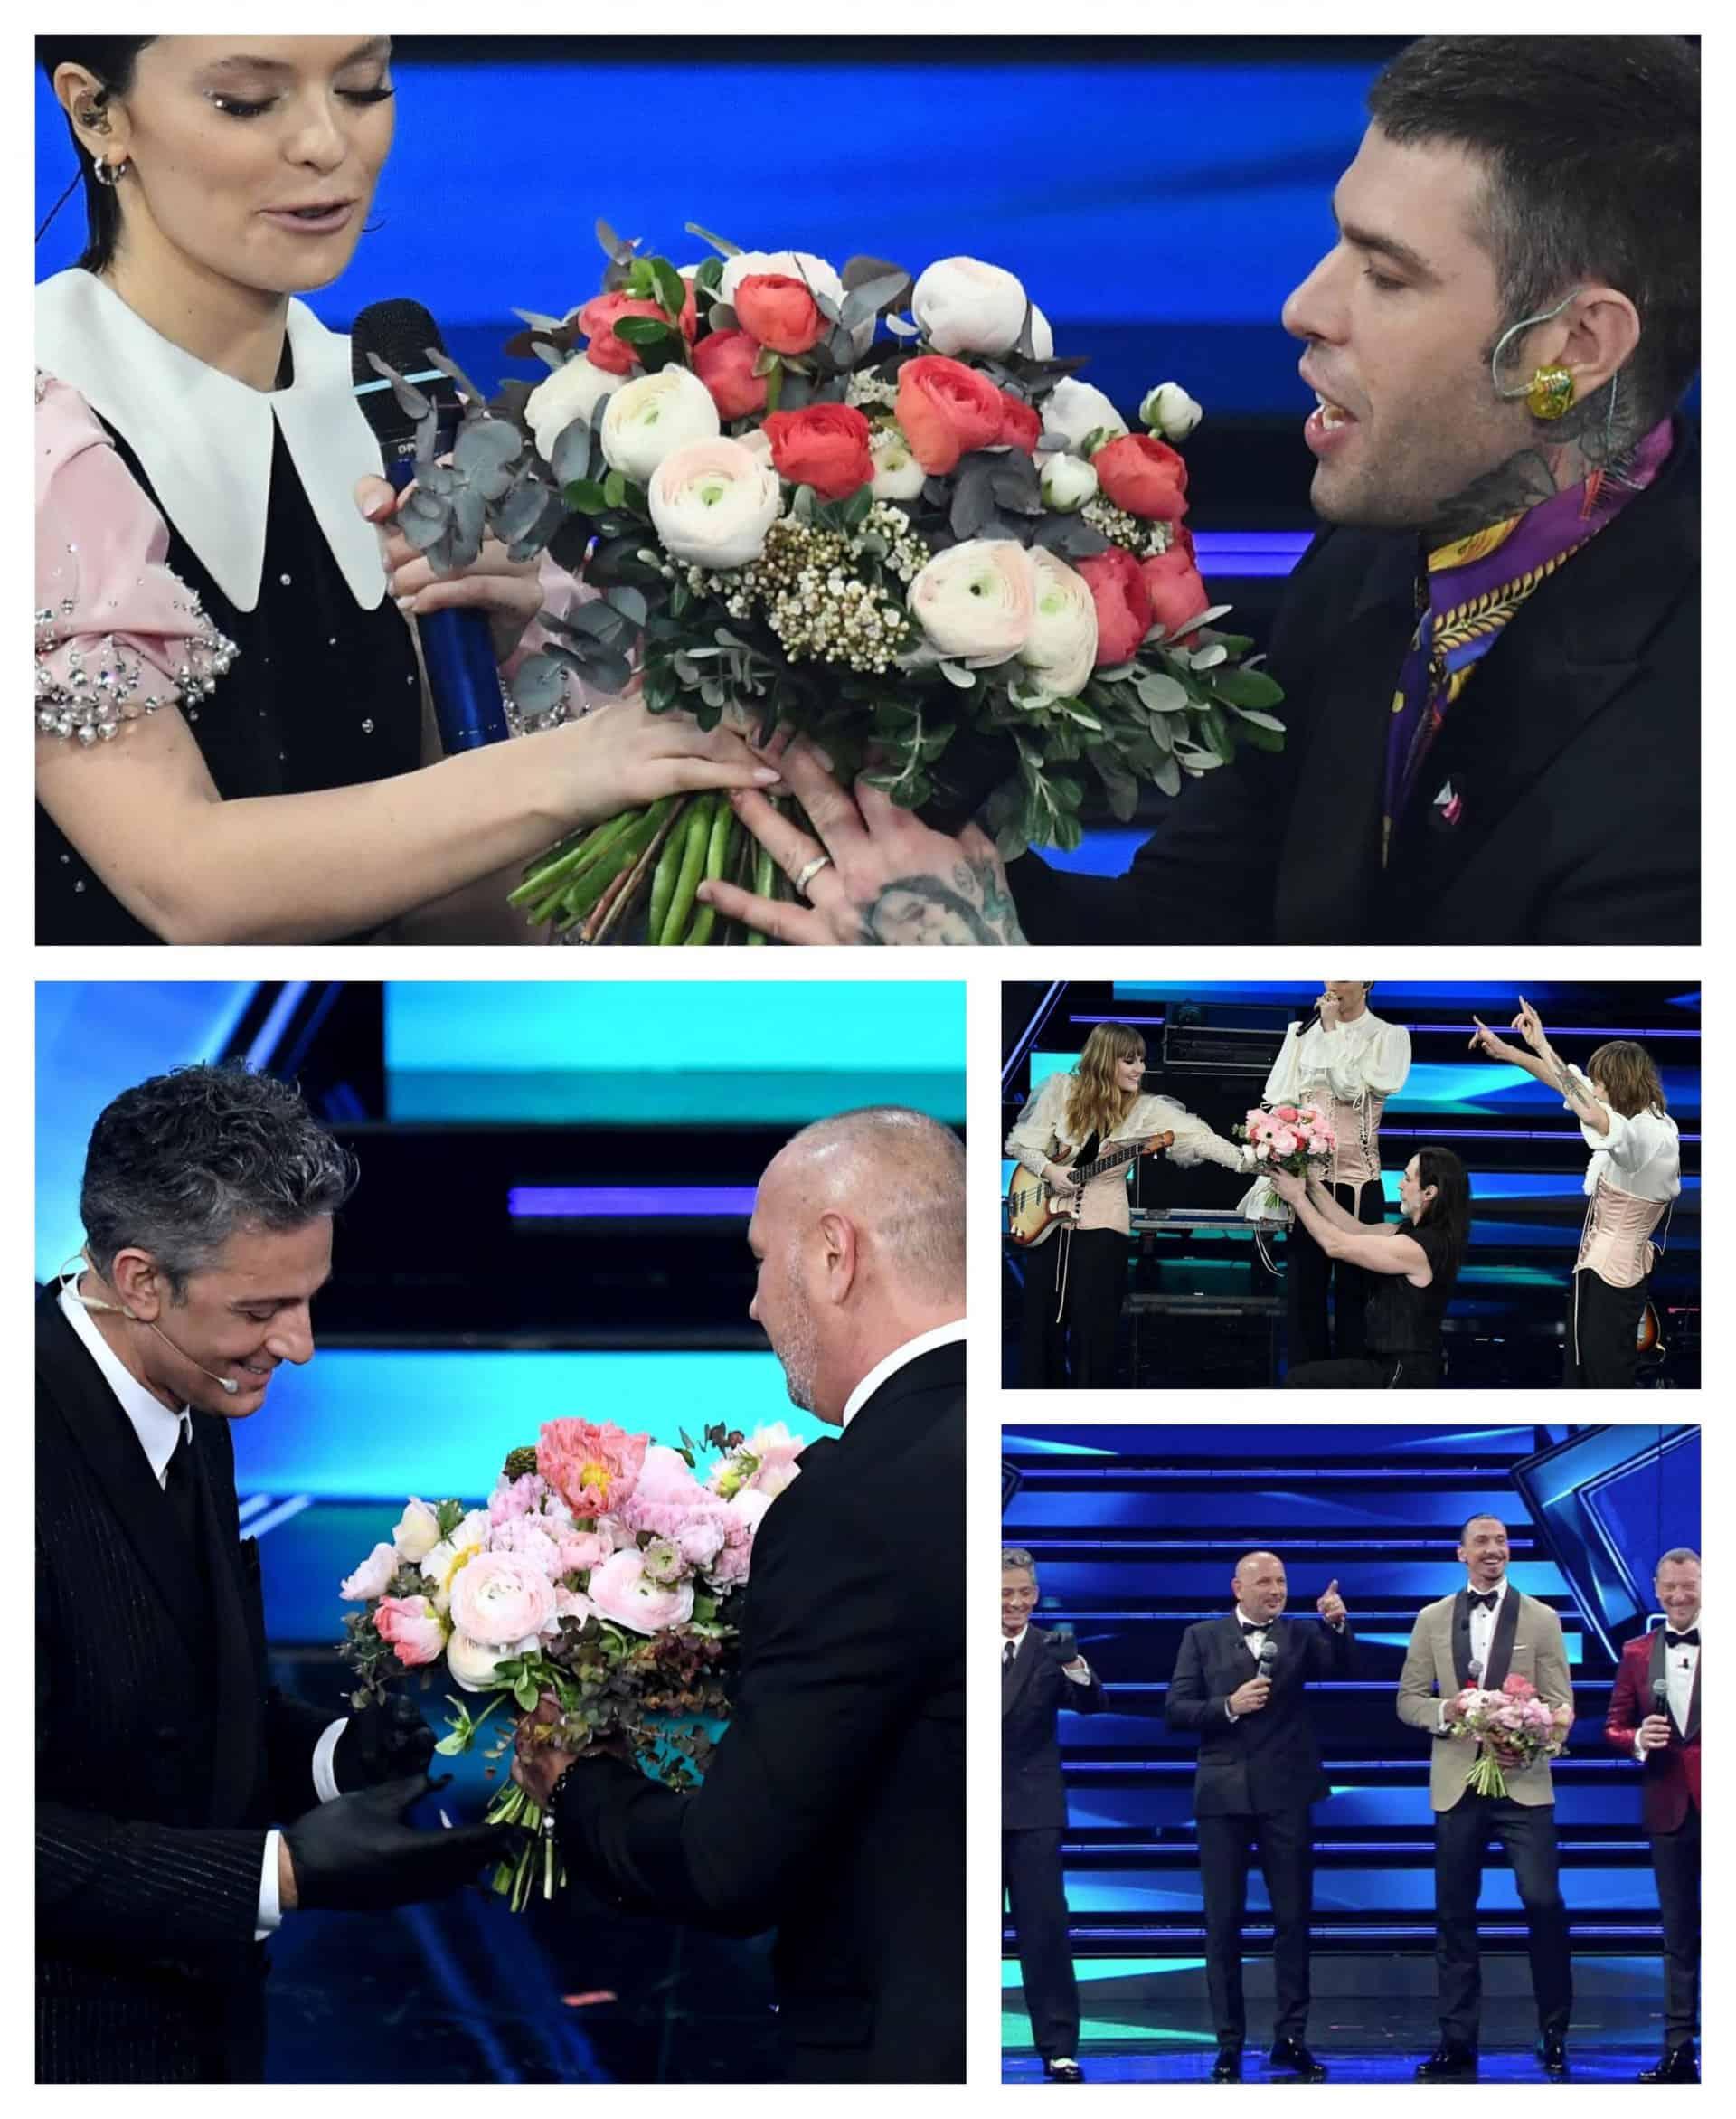 I fiori di Sanremo: Francesca Michielin nel 2021, Mihajlović  indietro di 100 anni